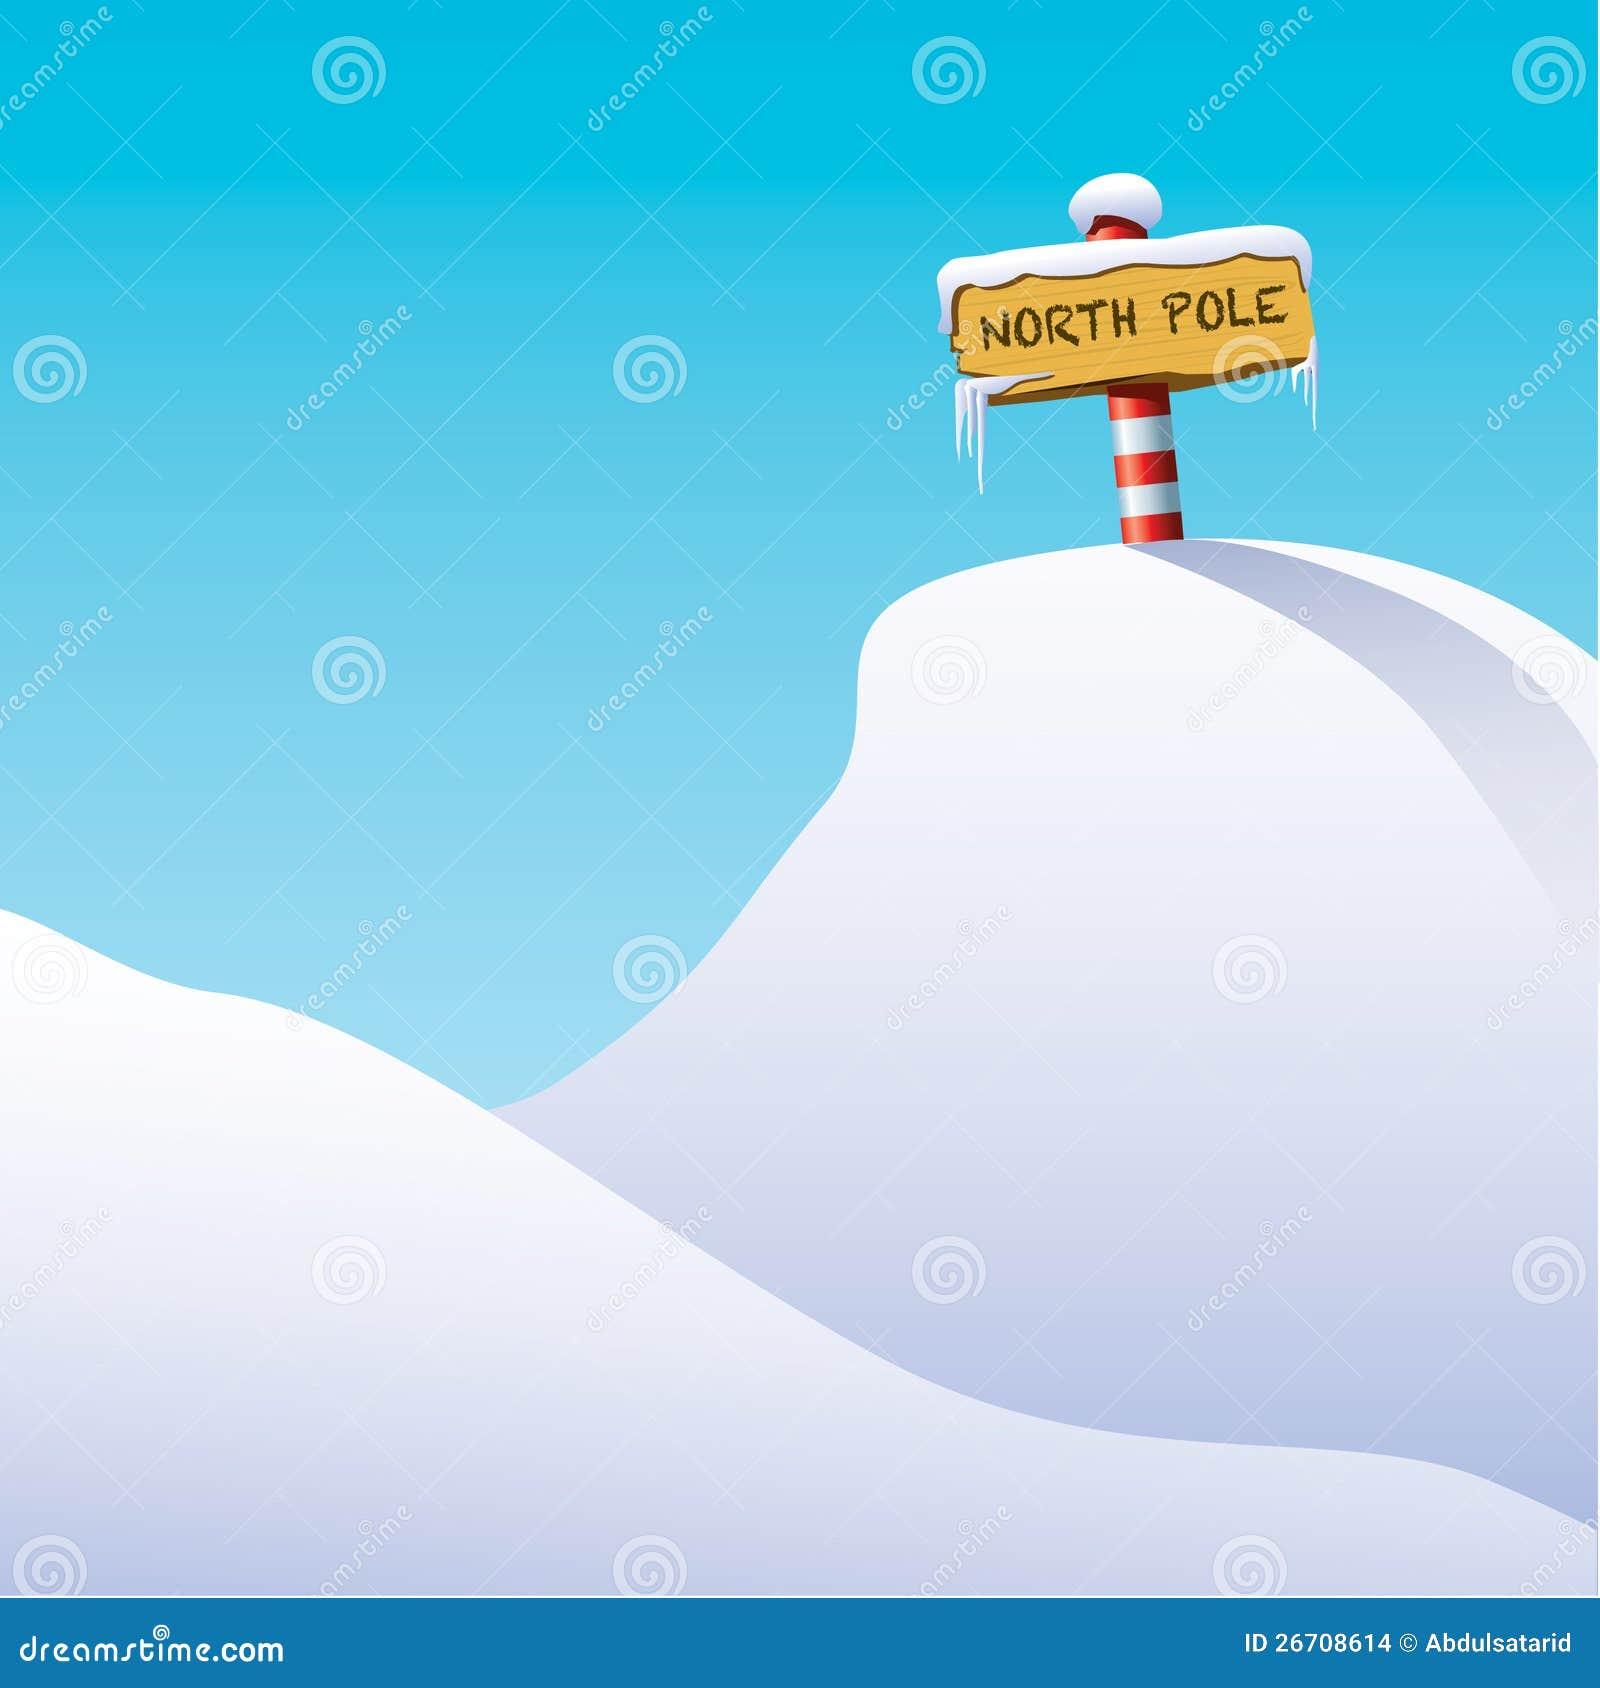 Ilustração do Pólo Norte